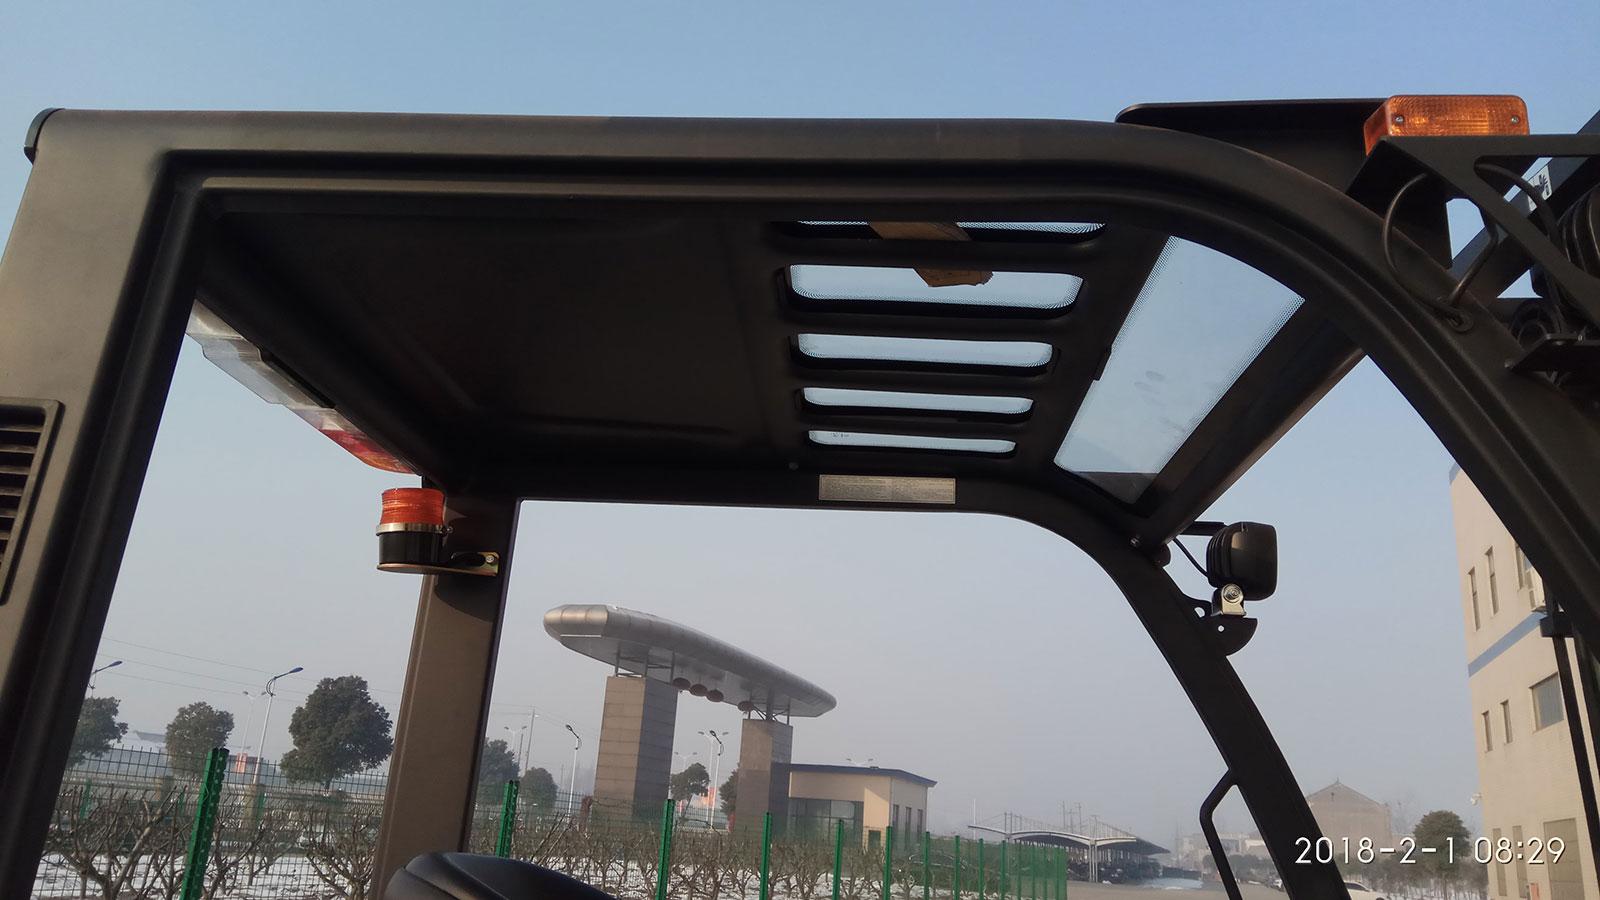 khung xe nâng dầu mga forklift 4.5 tấn